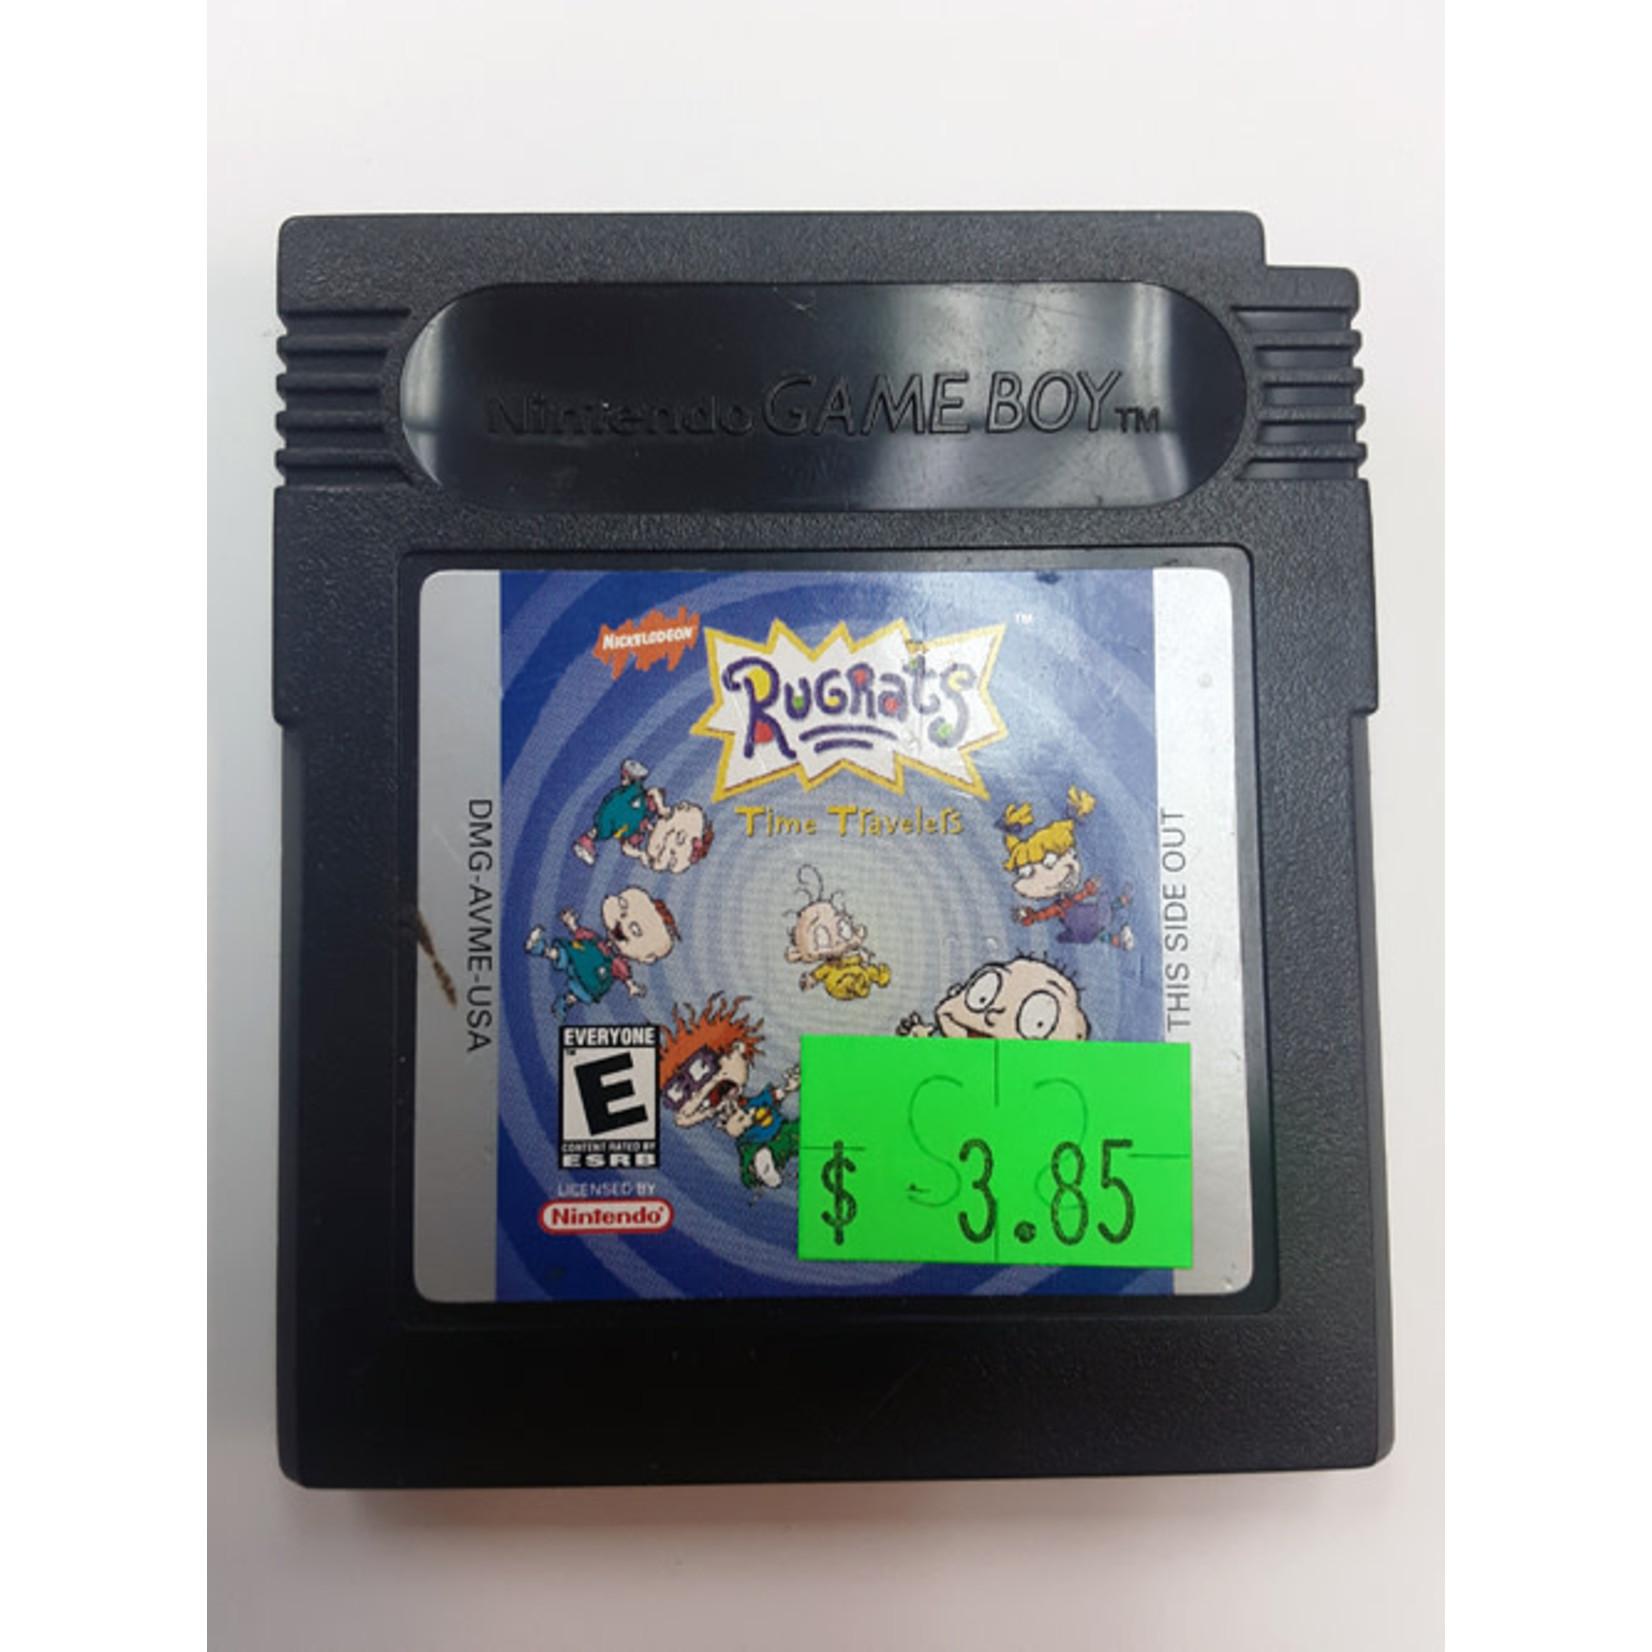 GBCu-Rugrats Time Travelers (cartridge)